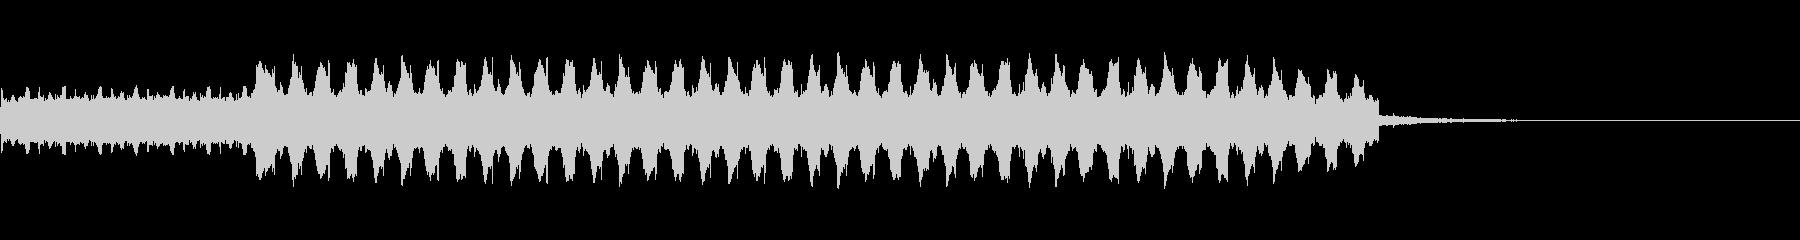 自主規制音~ピヨピヨ~の未再生の波形